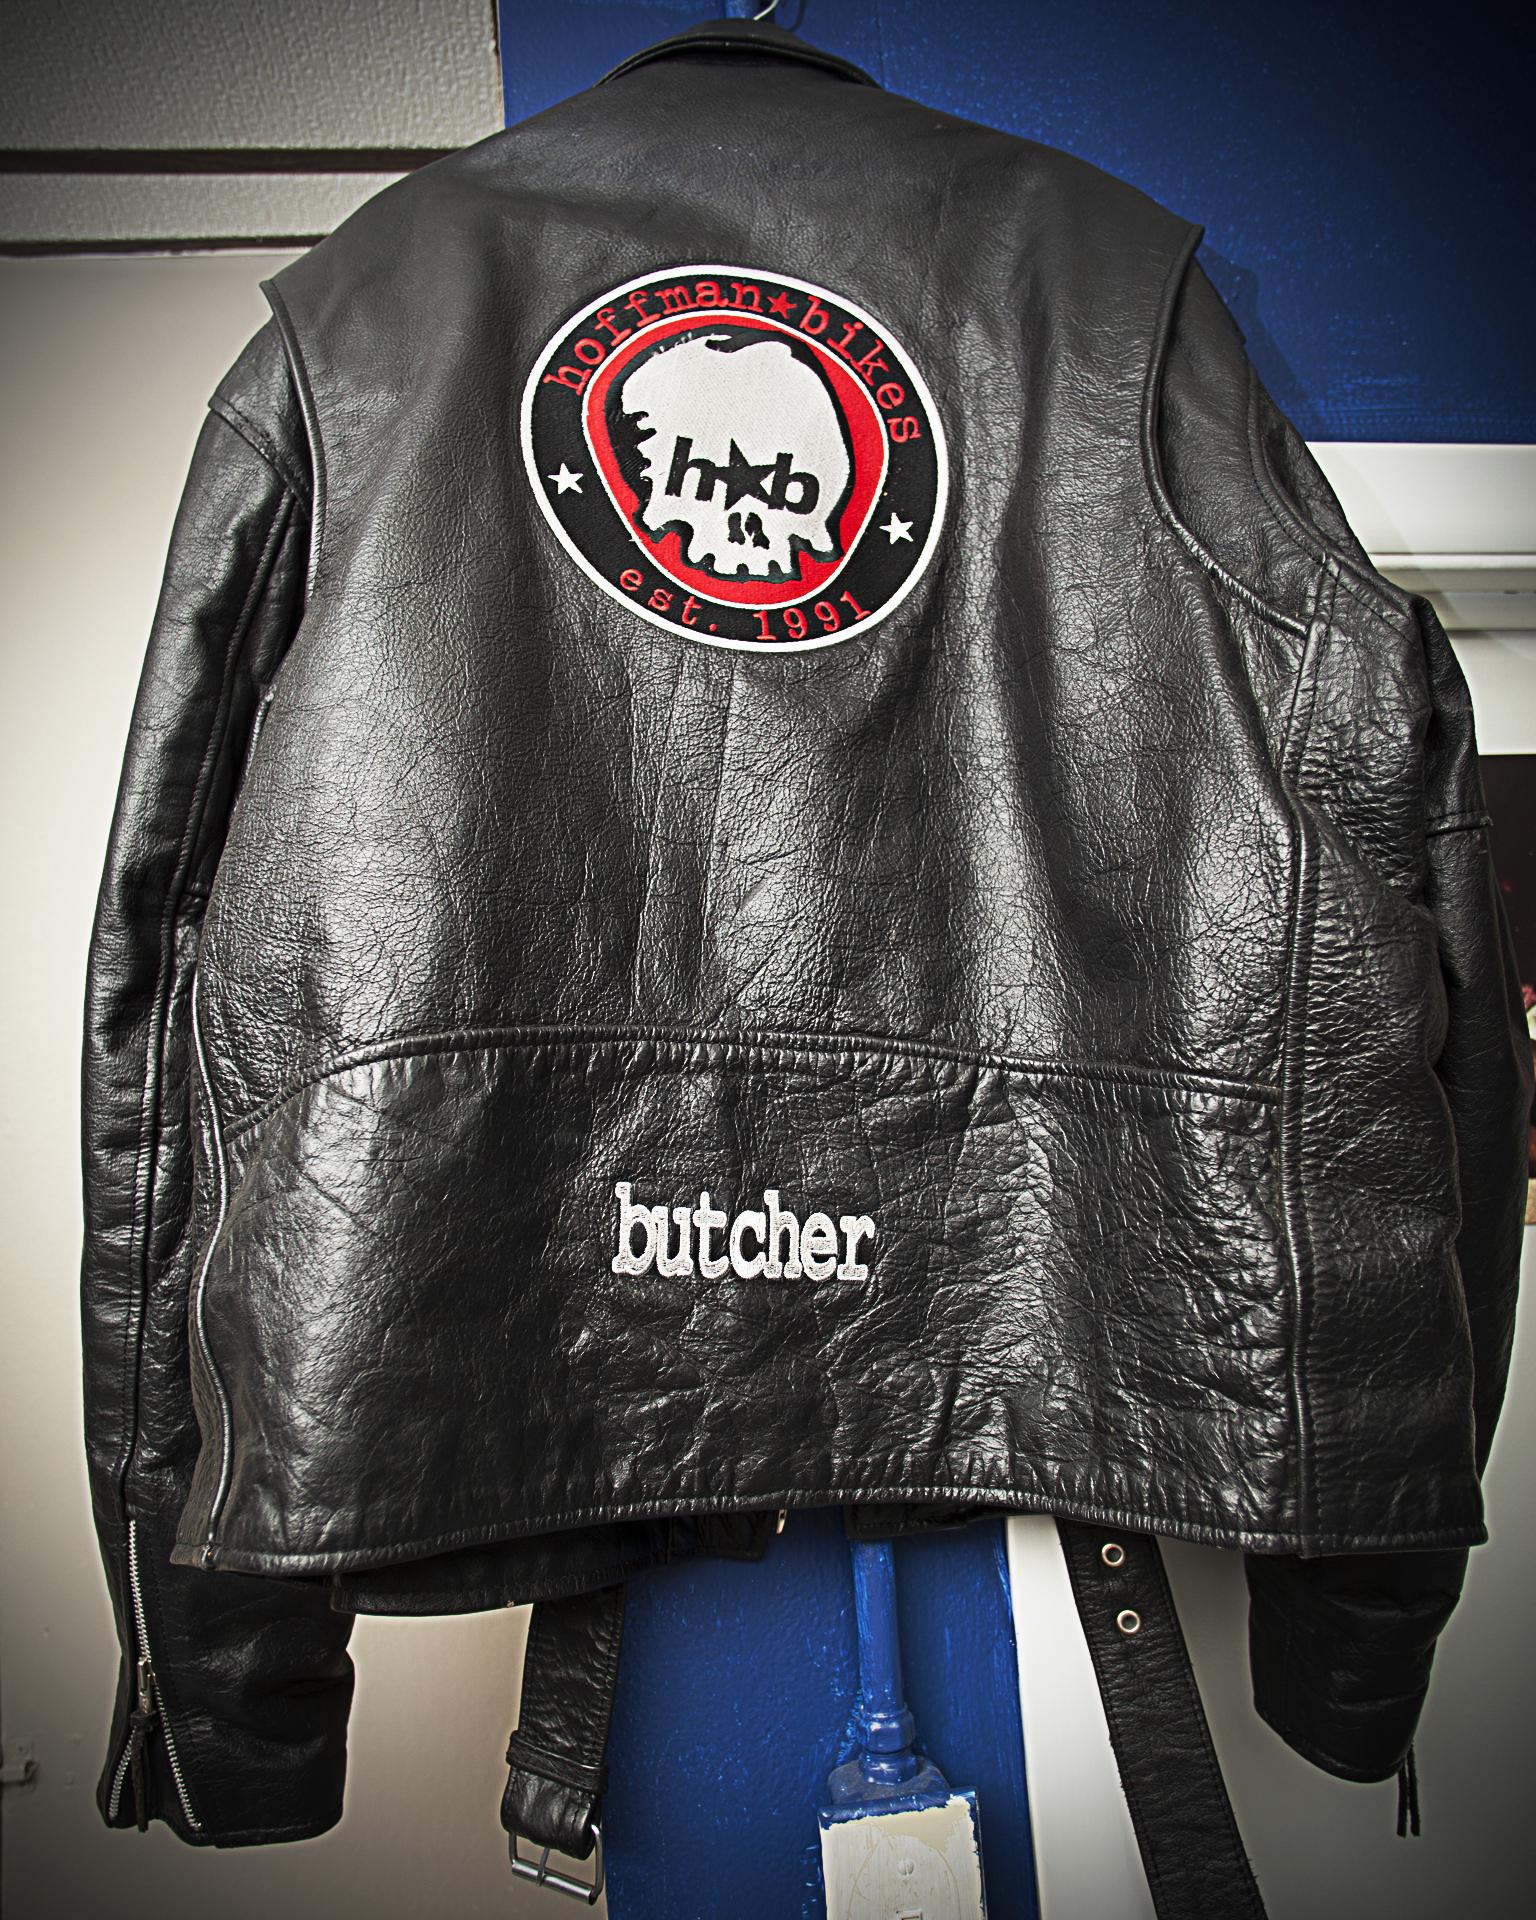 Butcher's Hoffman Bikes jacket